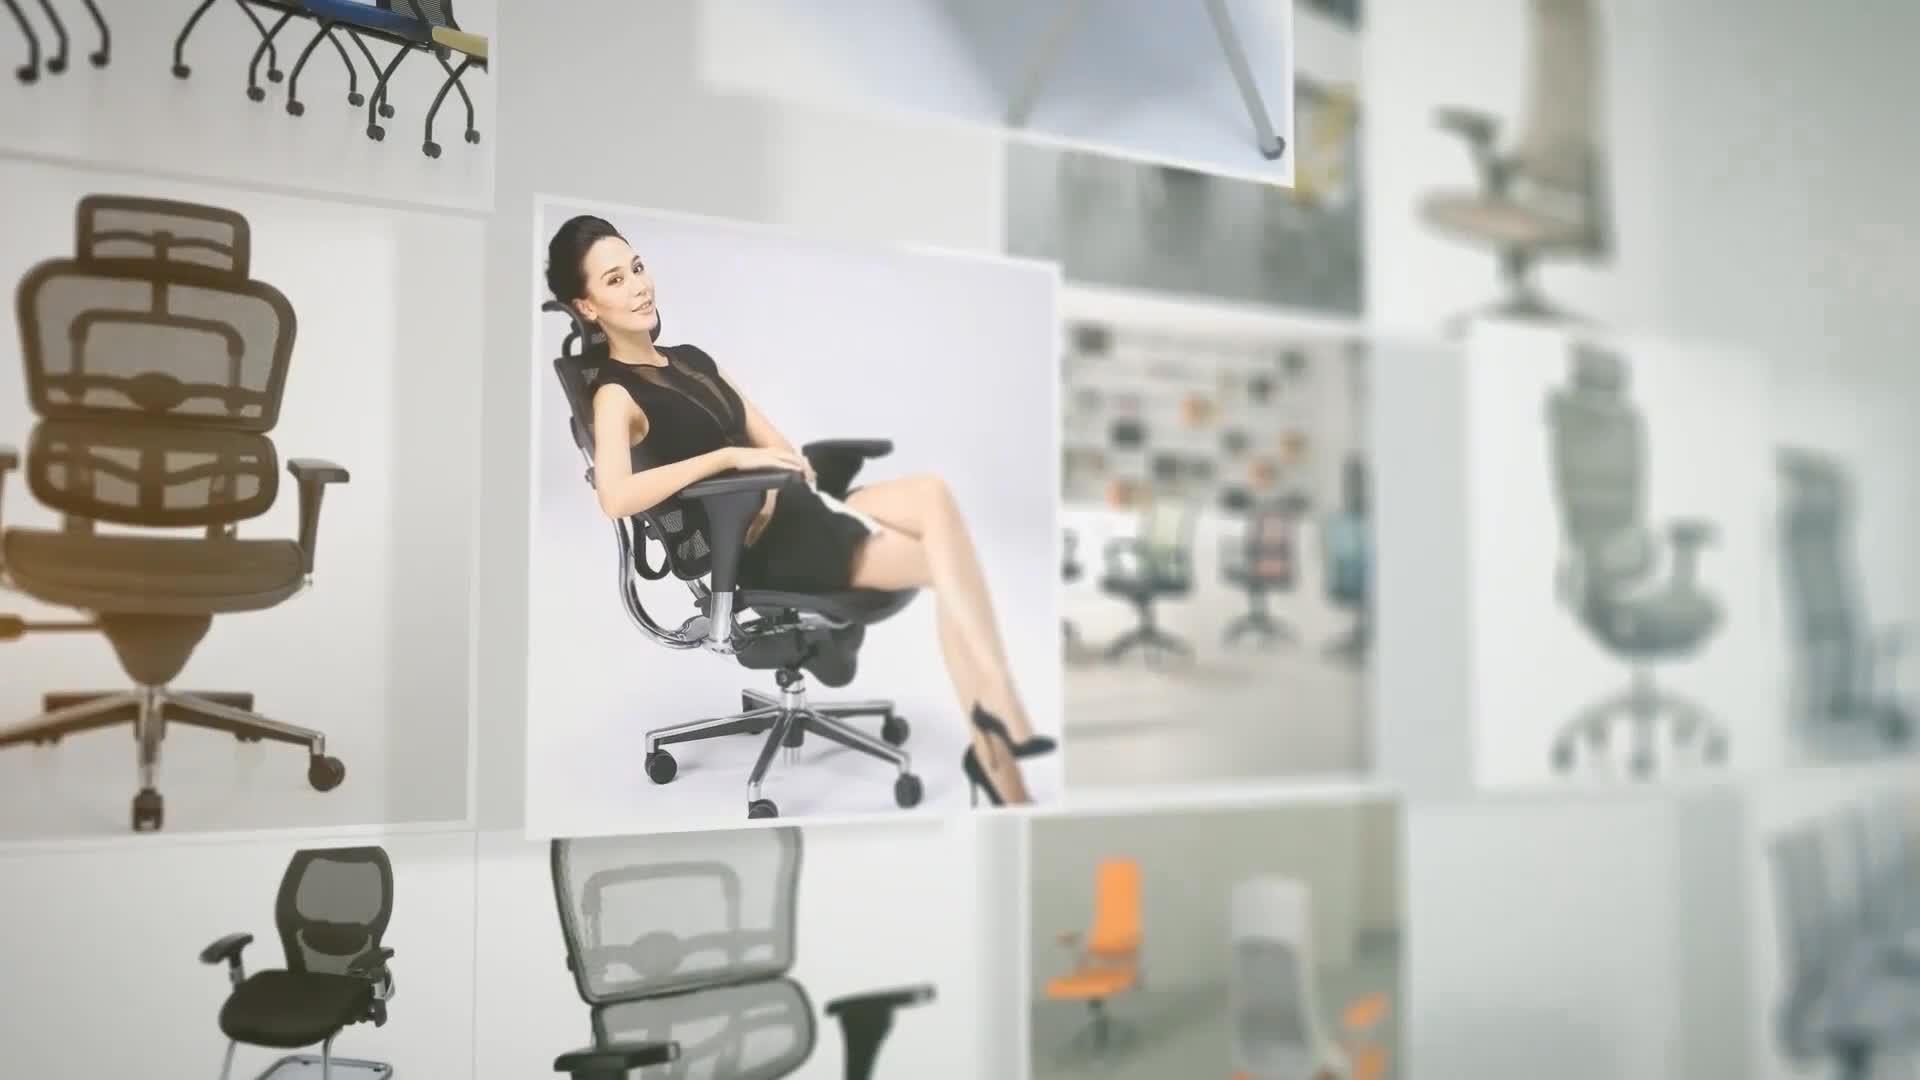 Büro stuhl ersatz teile Armlehne/metall mesh teile/mesh büro stuhl zurück komponenten